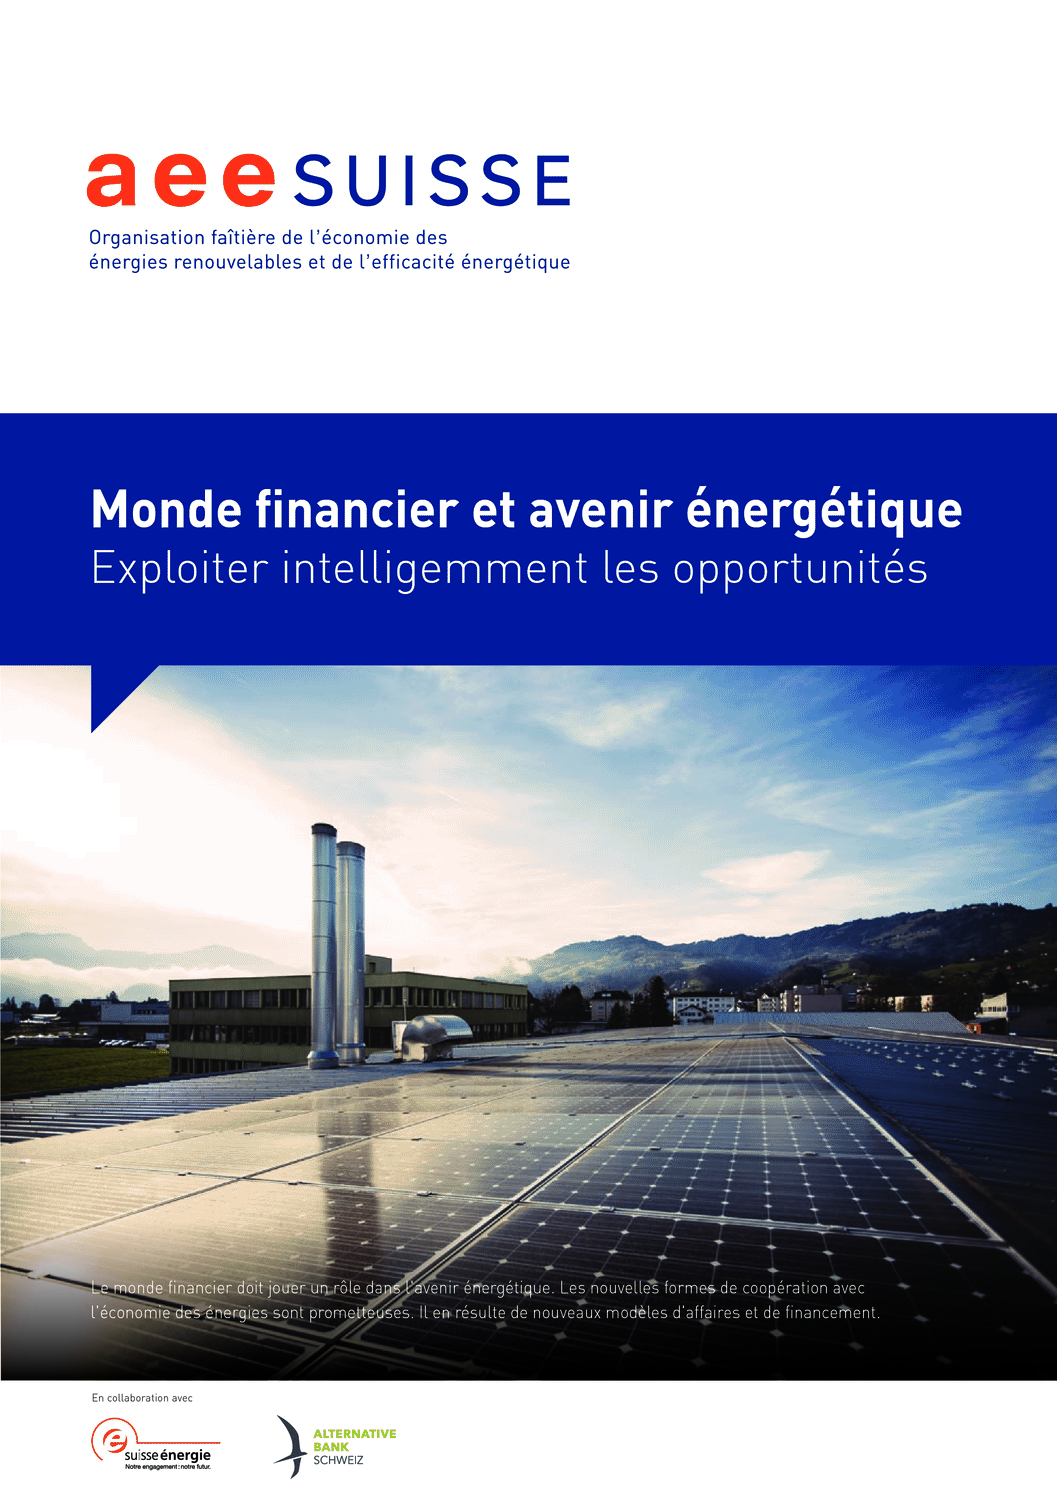 aee suisse Brochure Monde financier et avenir énergétique